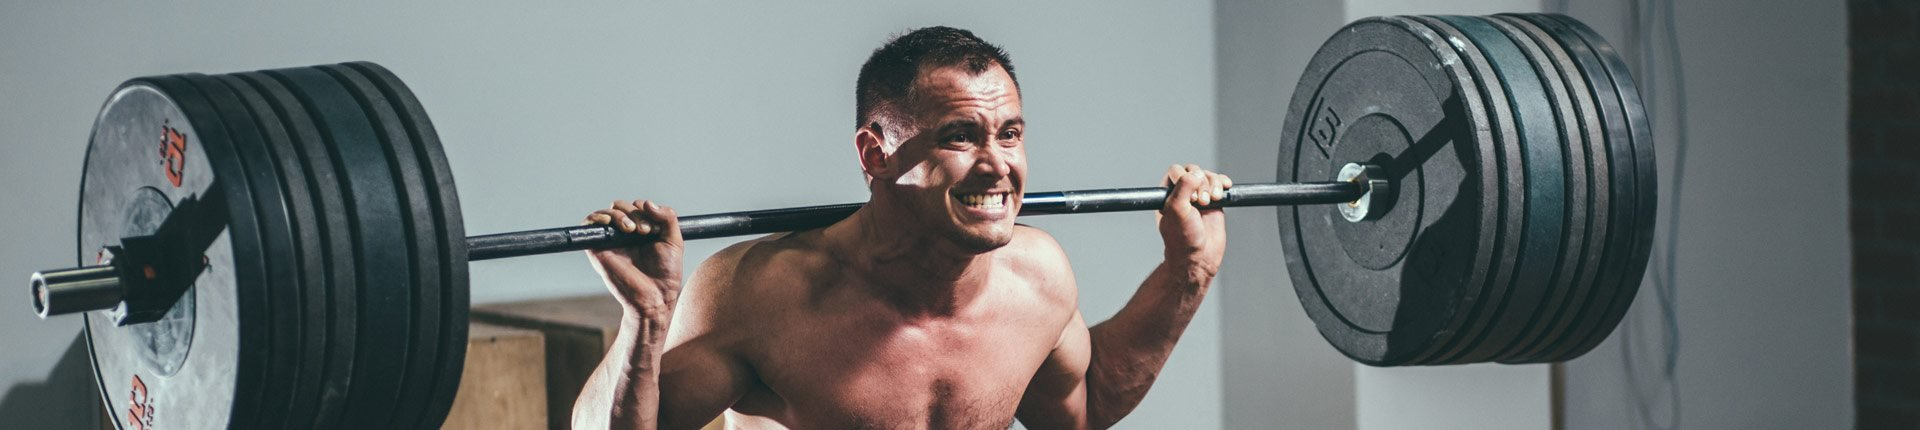 Większa intensywność, szybszy wzrost mięśni? Trening Mountain Dog 2.0